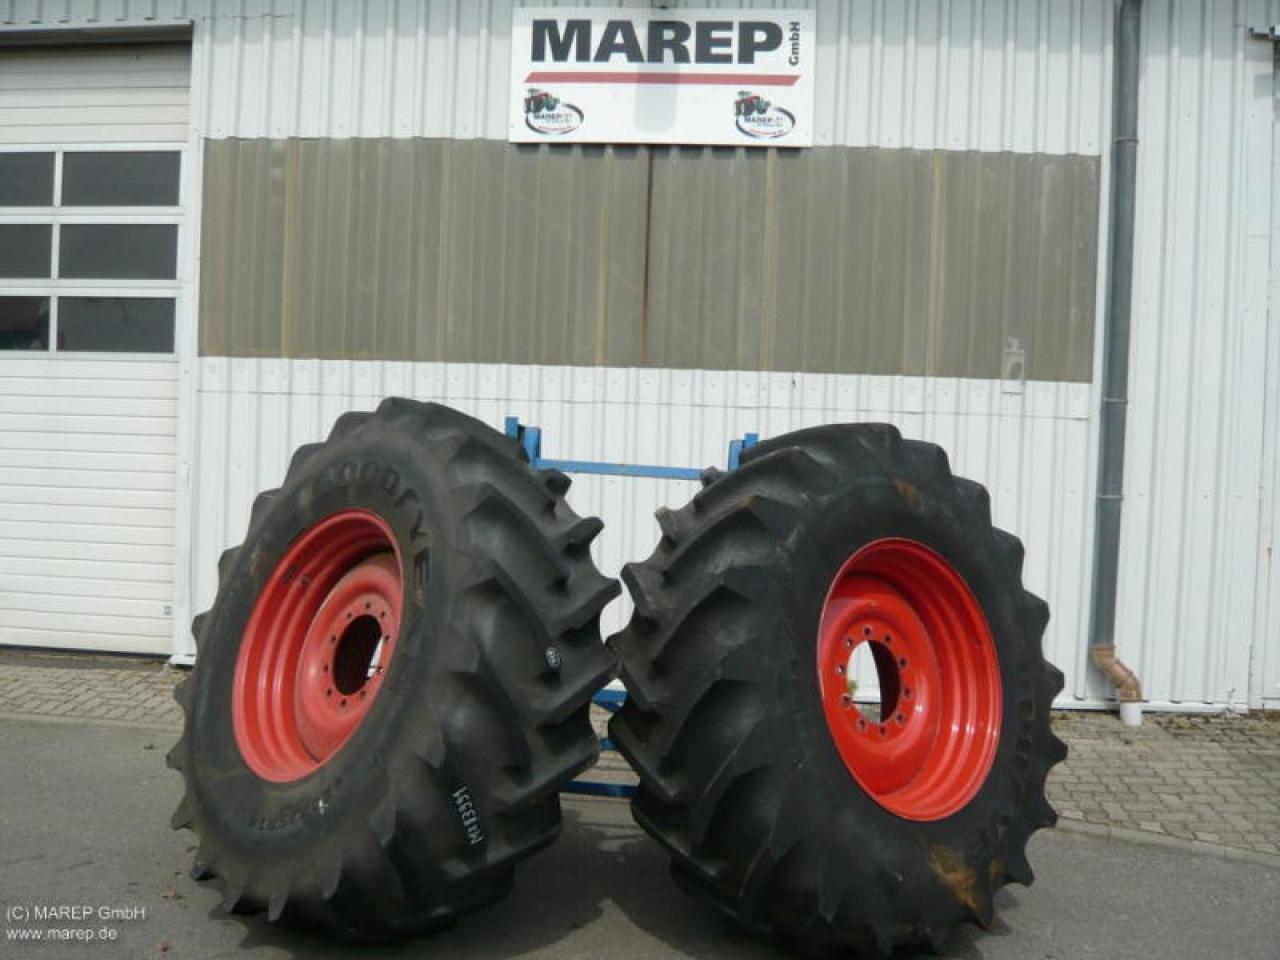 Massey Ferguson 620/75 R34, 23.1 R34 GOODYEAR